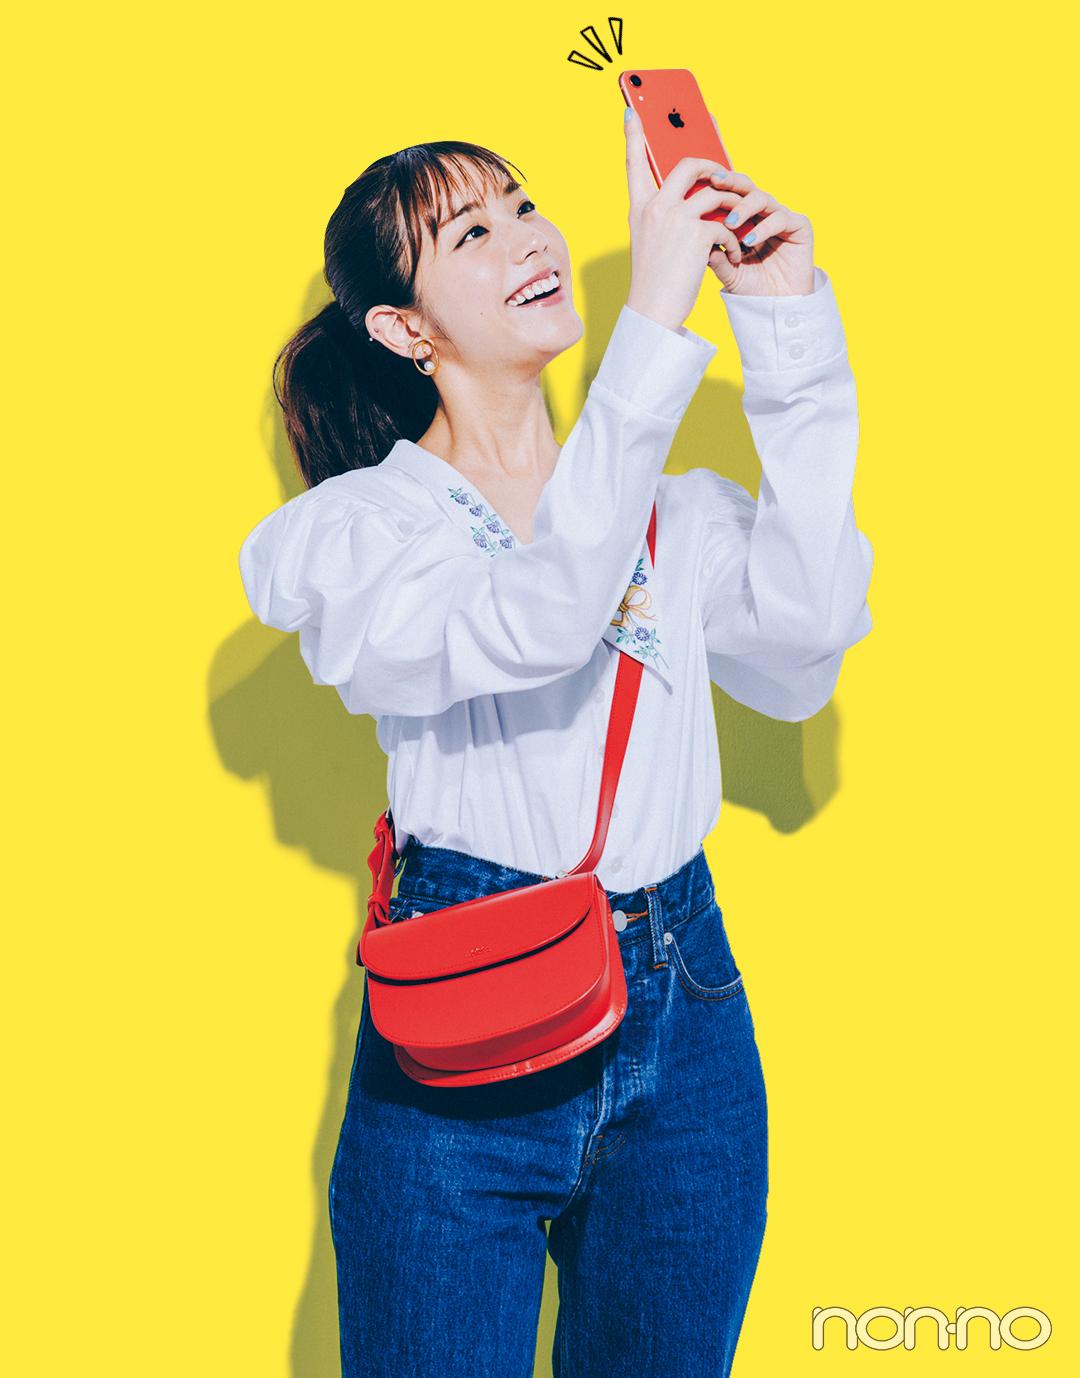 両手が使いやすい「ハンズフリー」なバッグで出かけよう【ファッションはもっとフリーになる】_1_8